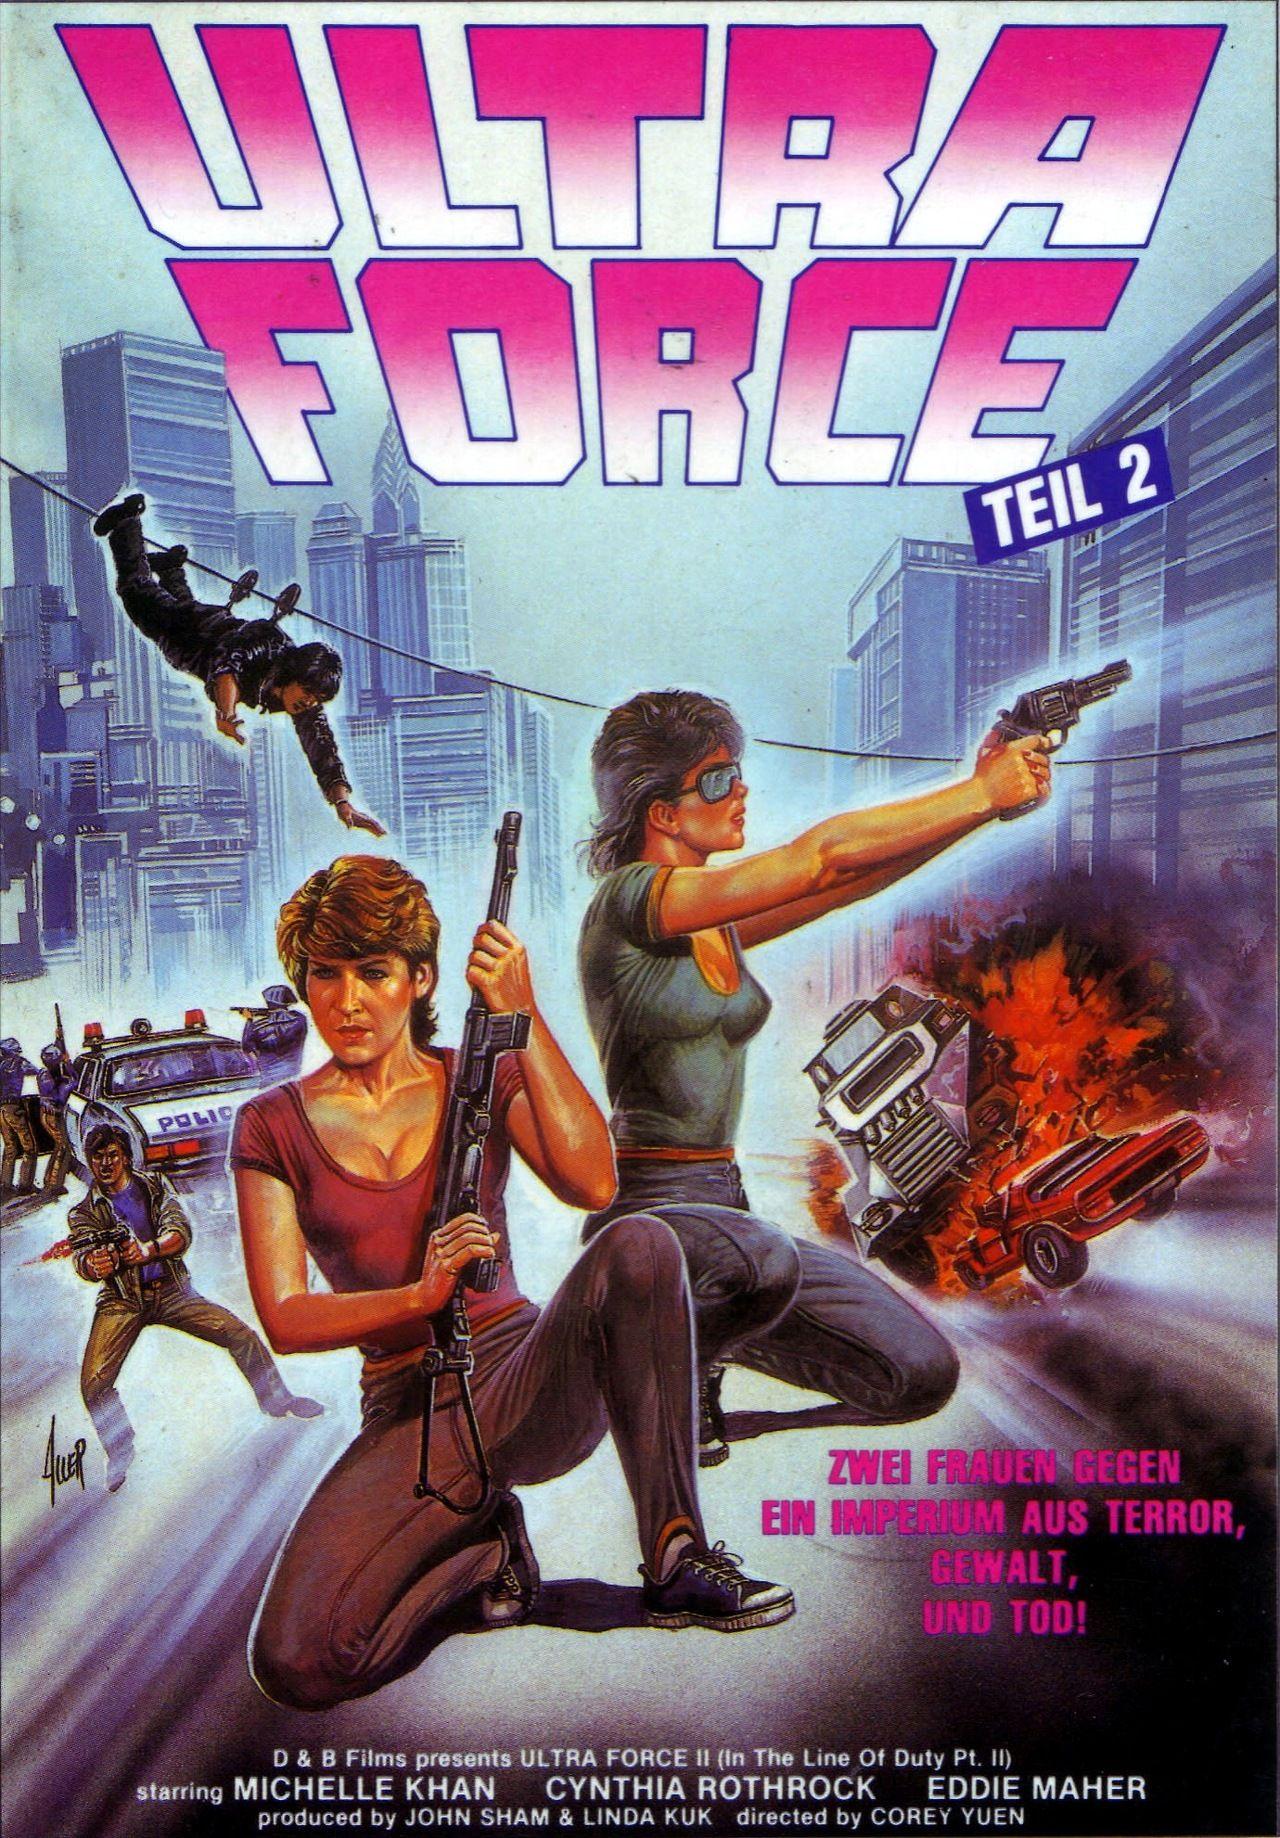 Ultra Force 2 Filmplakate, Filme, Plakat